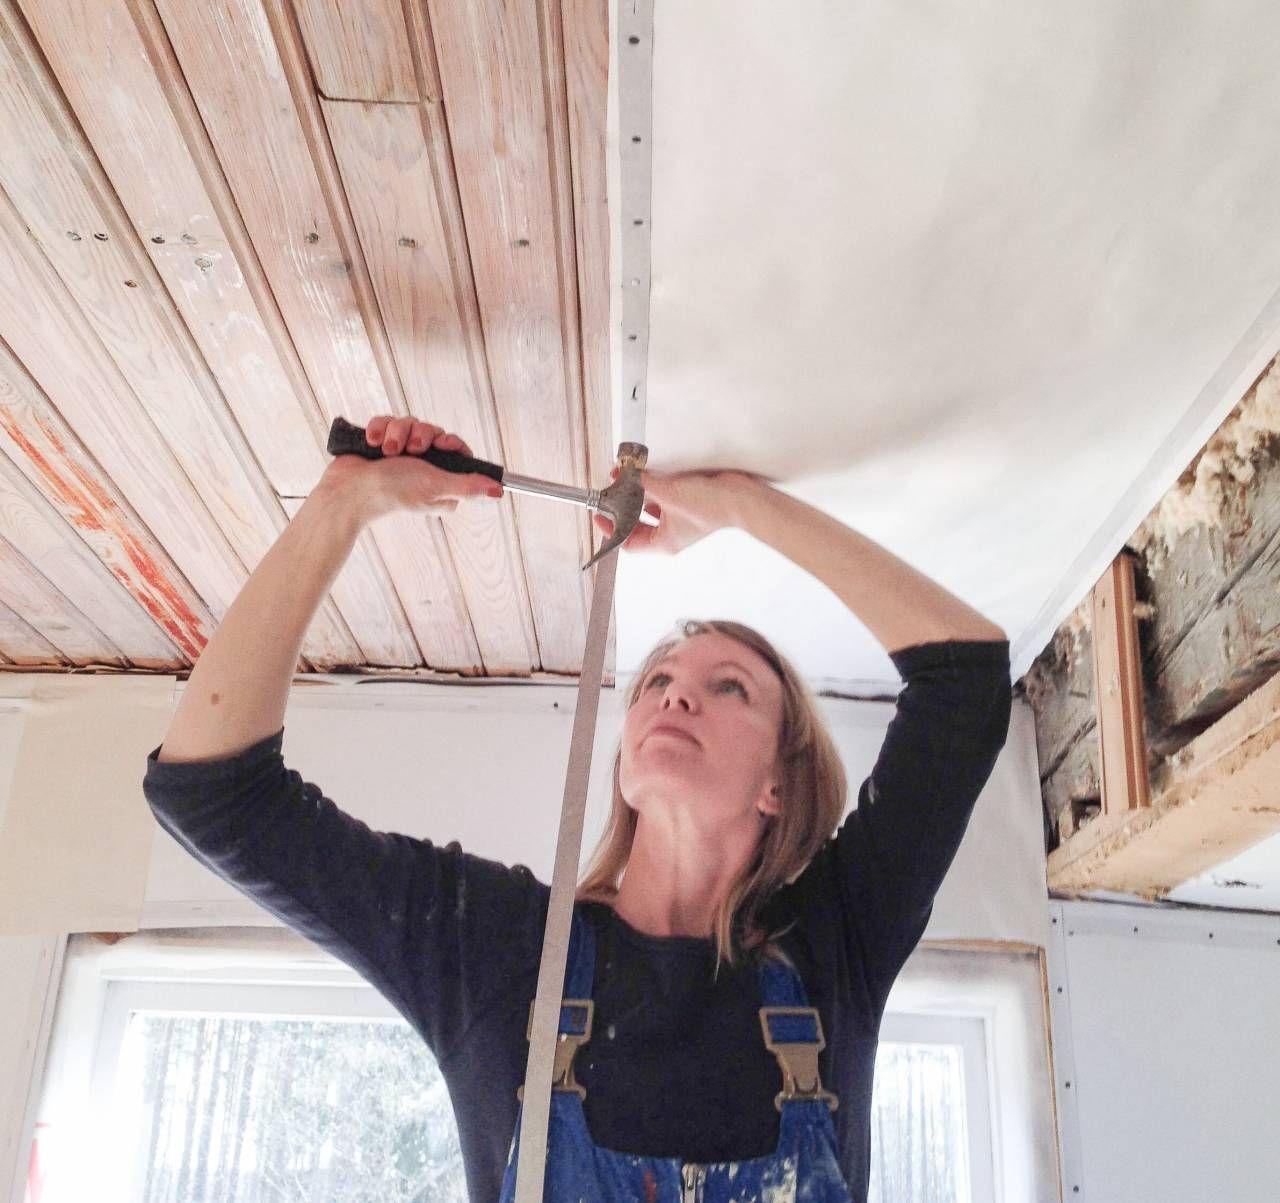 Inredning måla på gammal tapet : Pappspänning och mÃ¥lning. Erika Åberg | Hus och bygg . PÃ¥ insidan ...